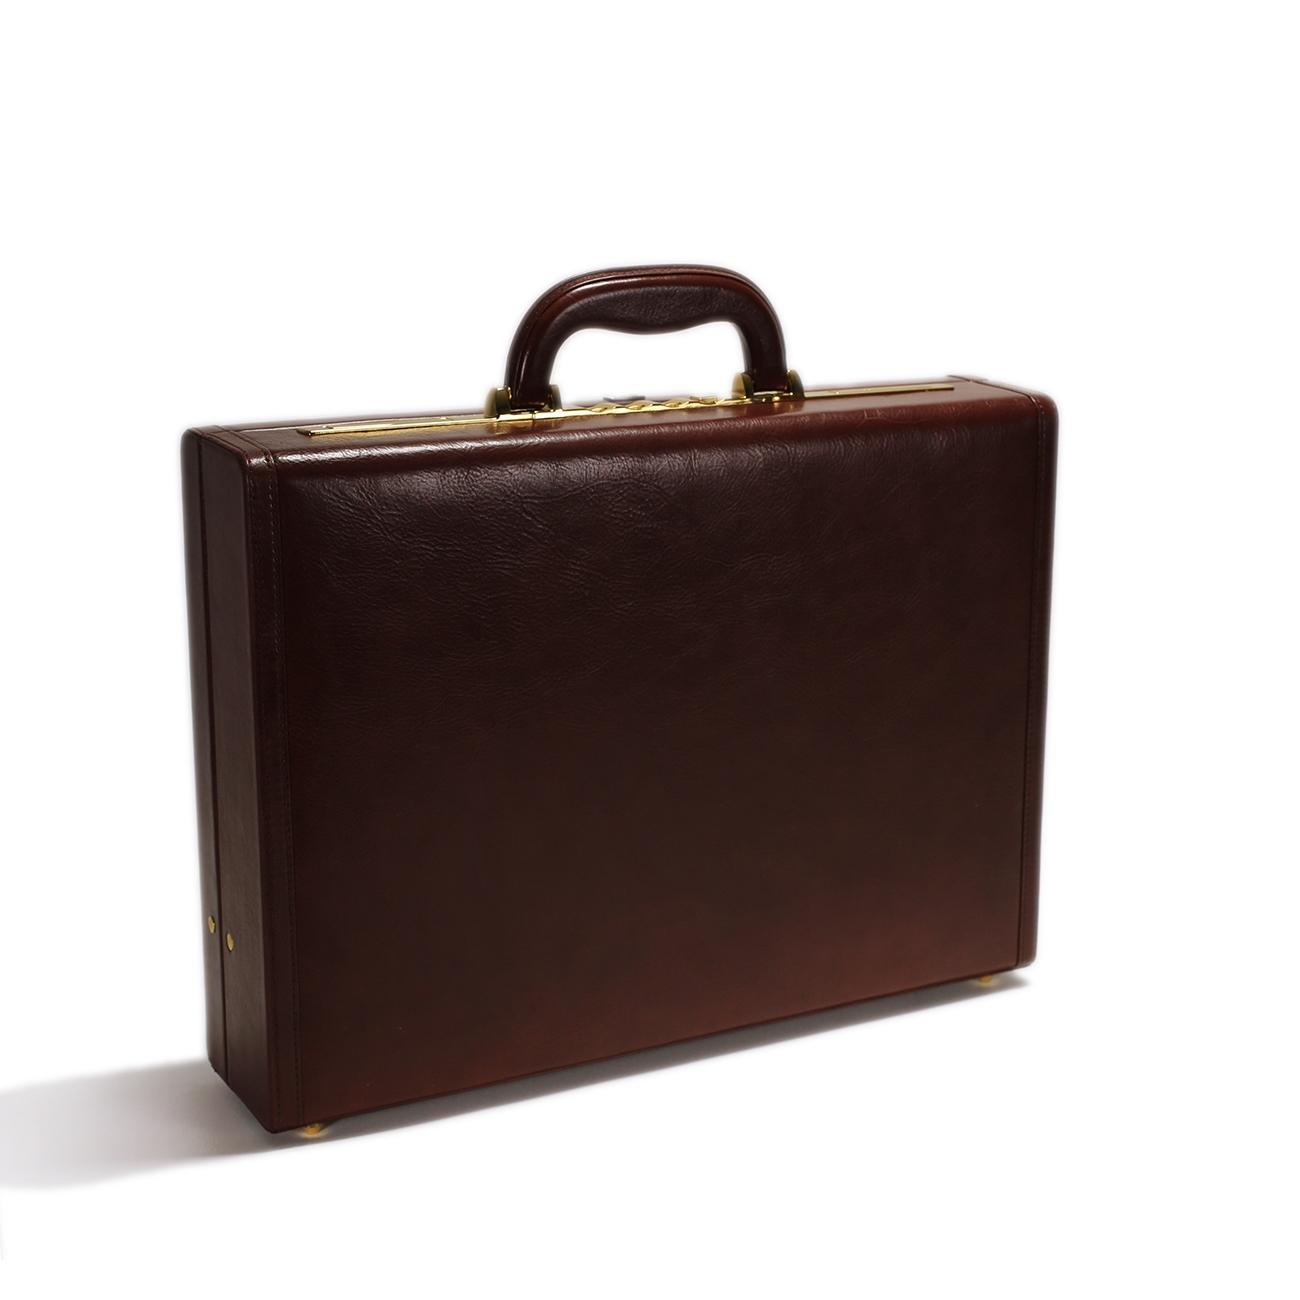 Leather Attache Case - CODE 131-0254